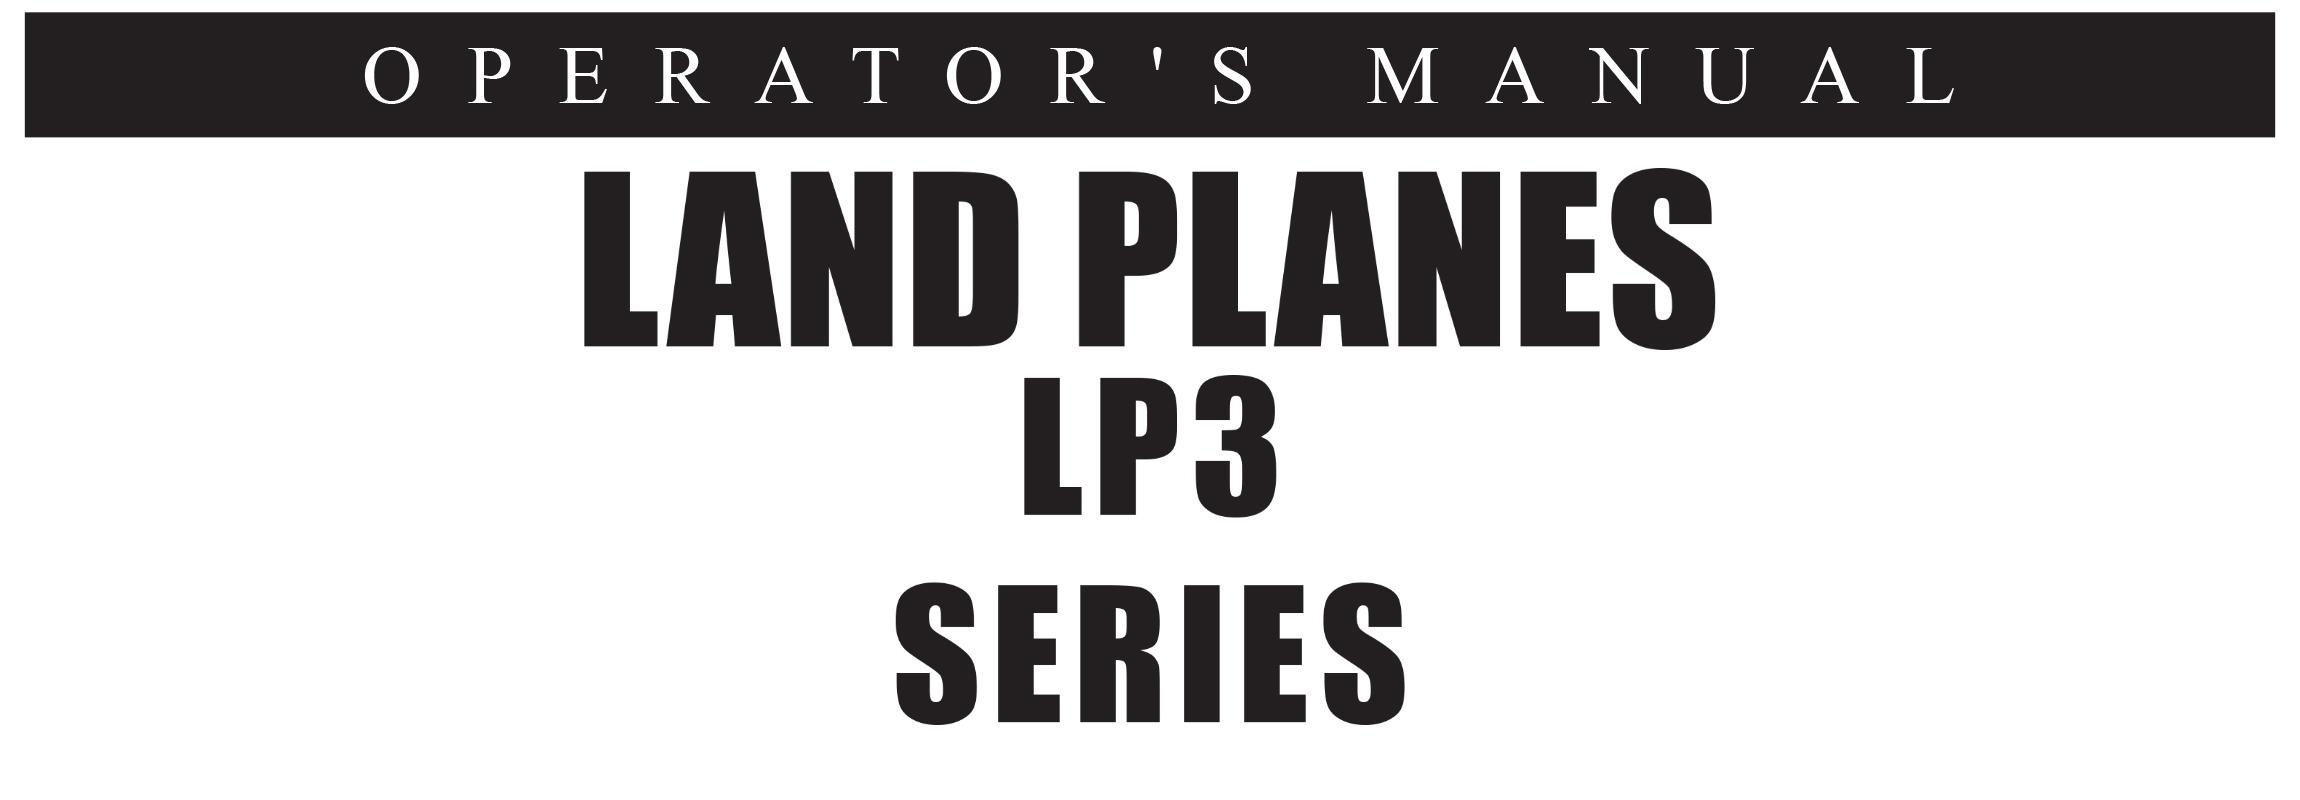 LP3 Series Owners Manual